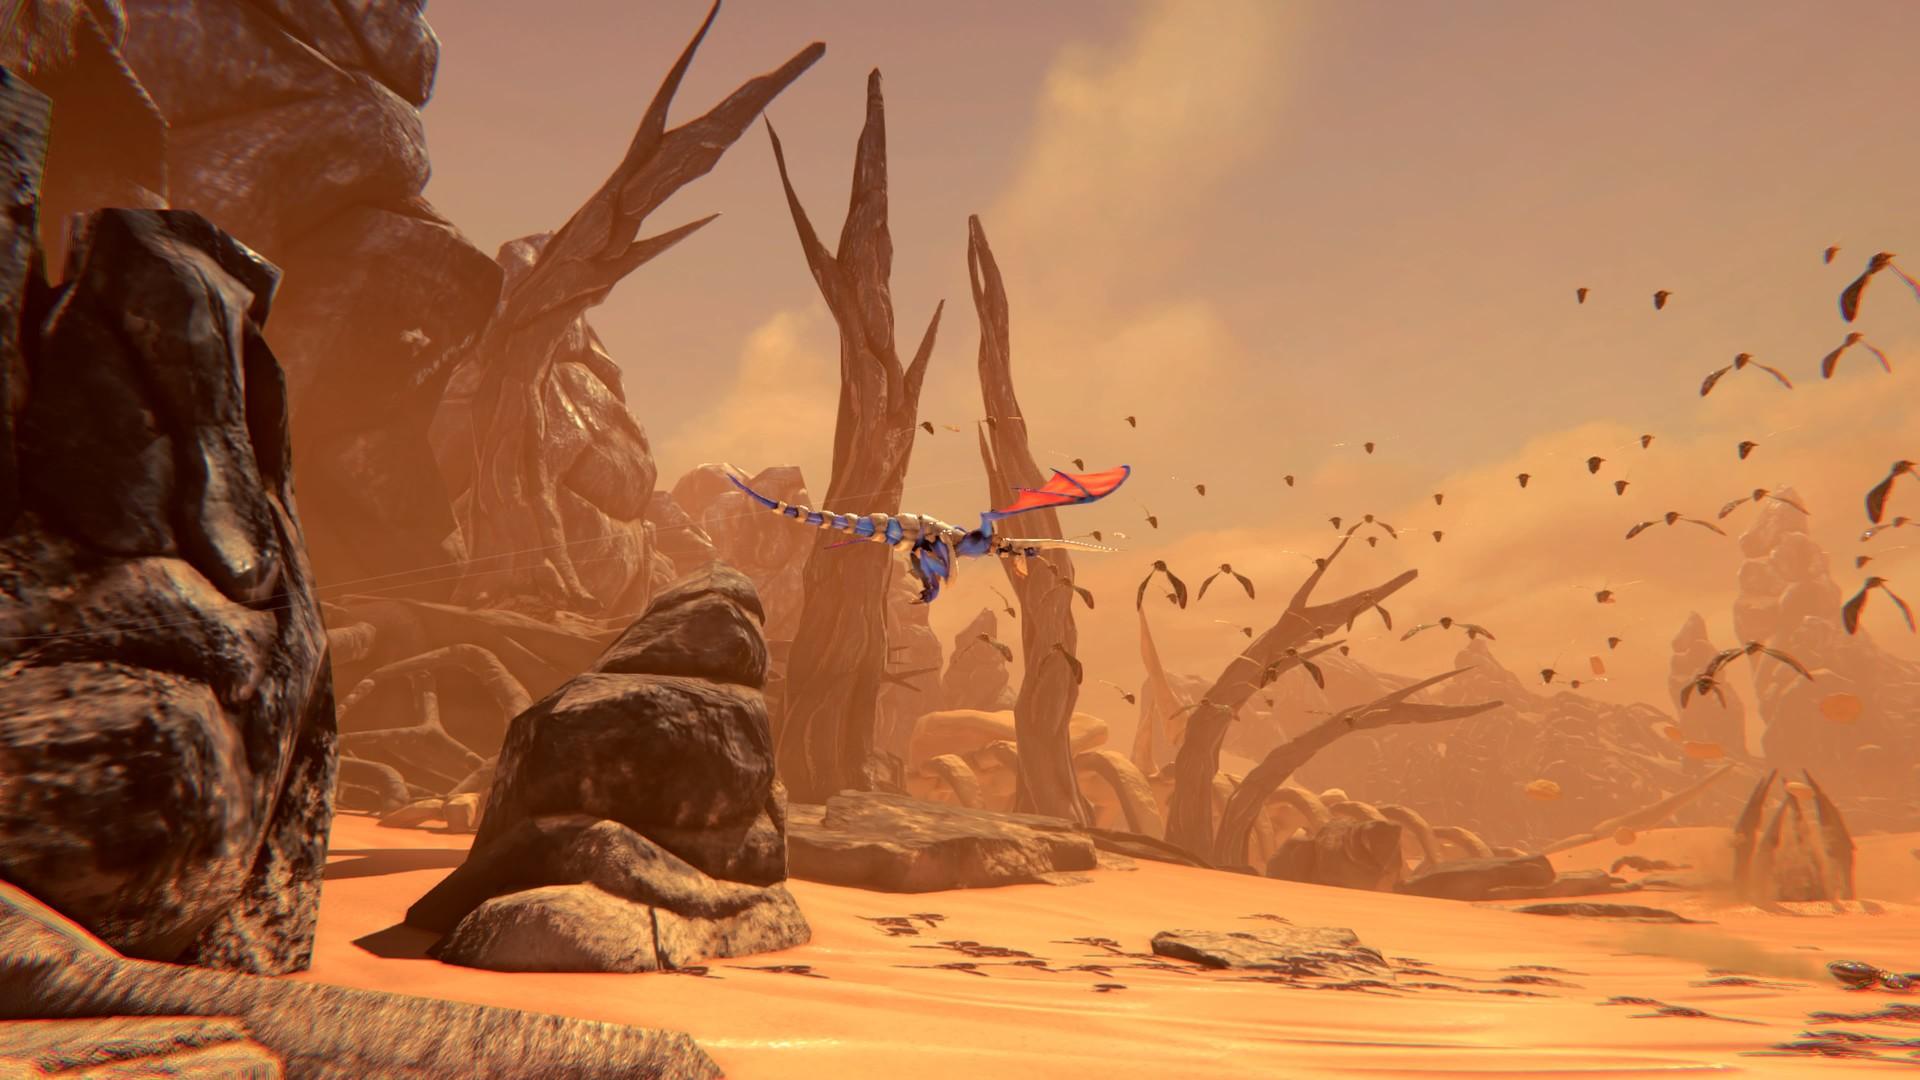 《铁甲飞龙:重制版》PC发售日和配置公开 最低需GTX 970